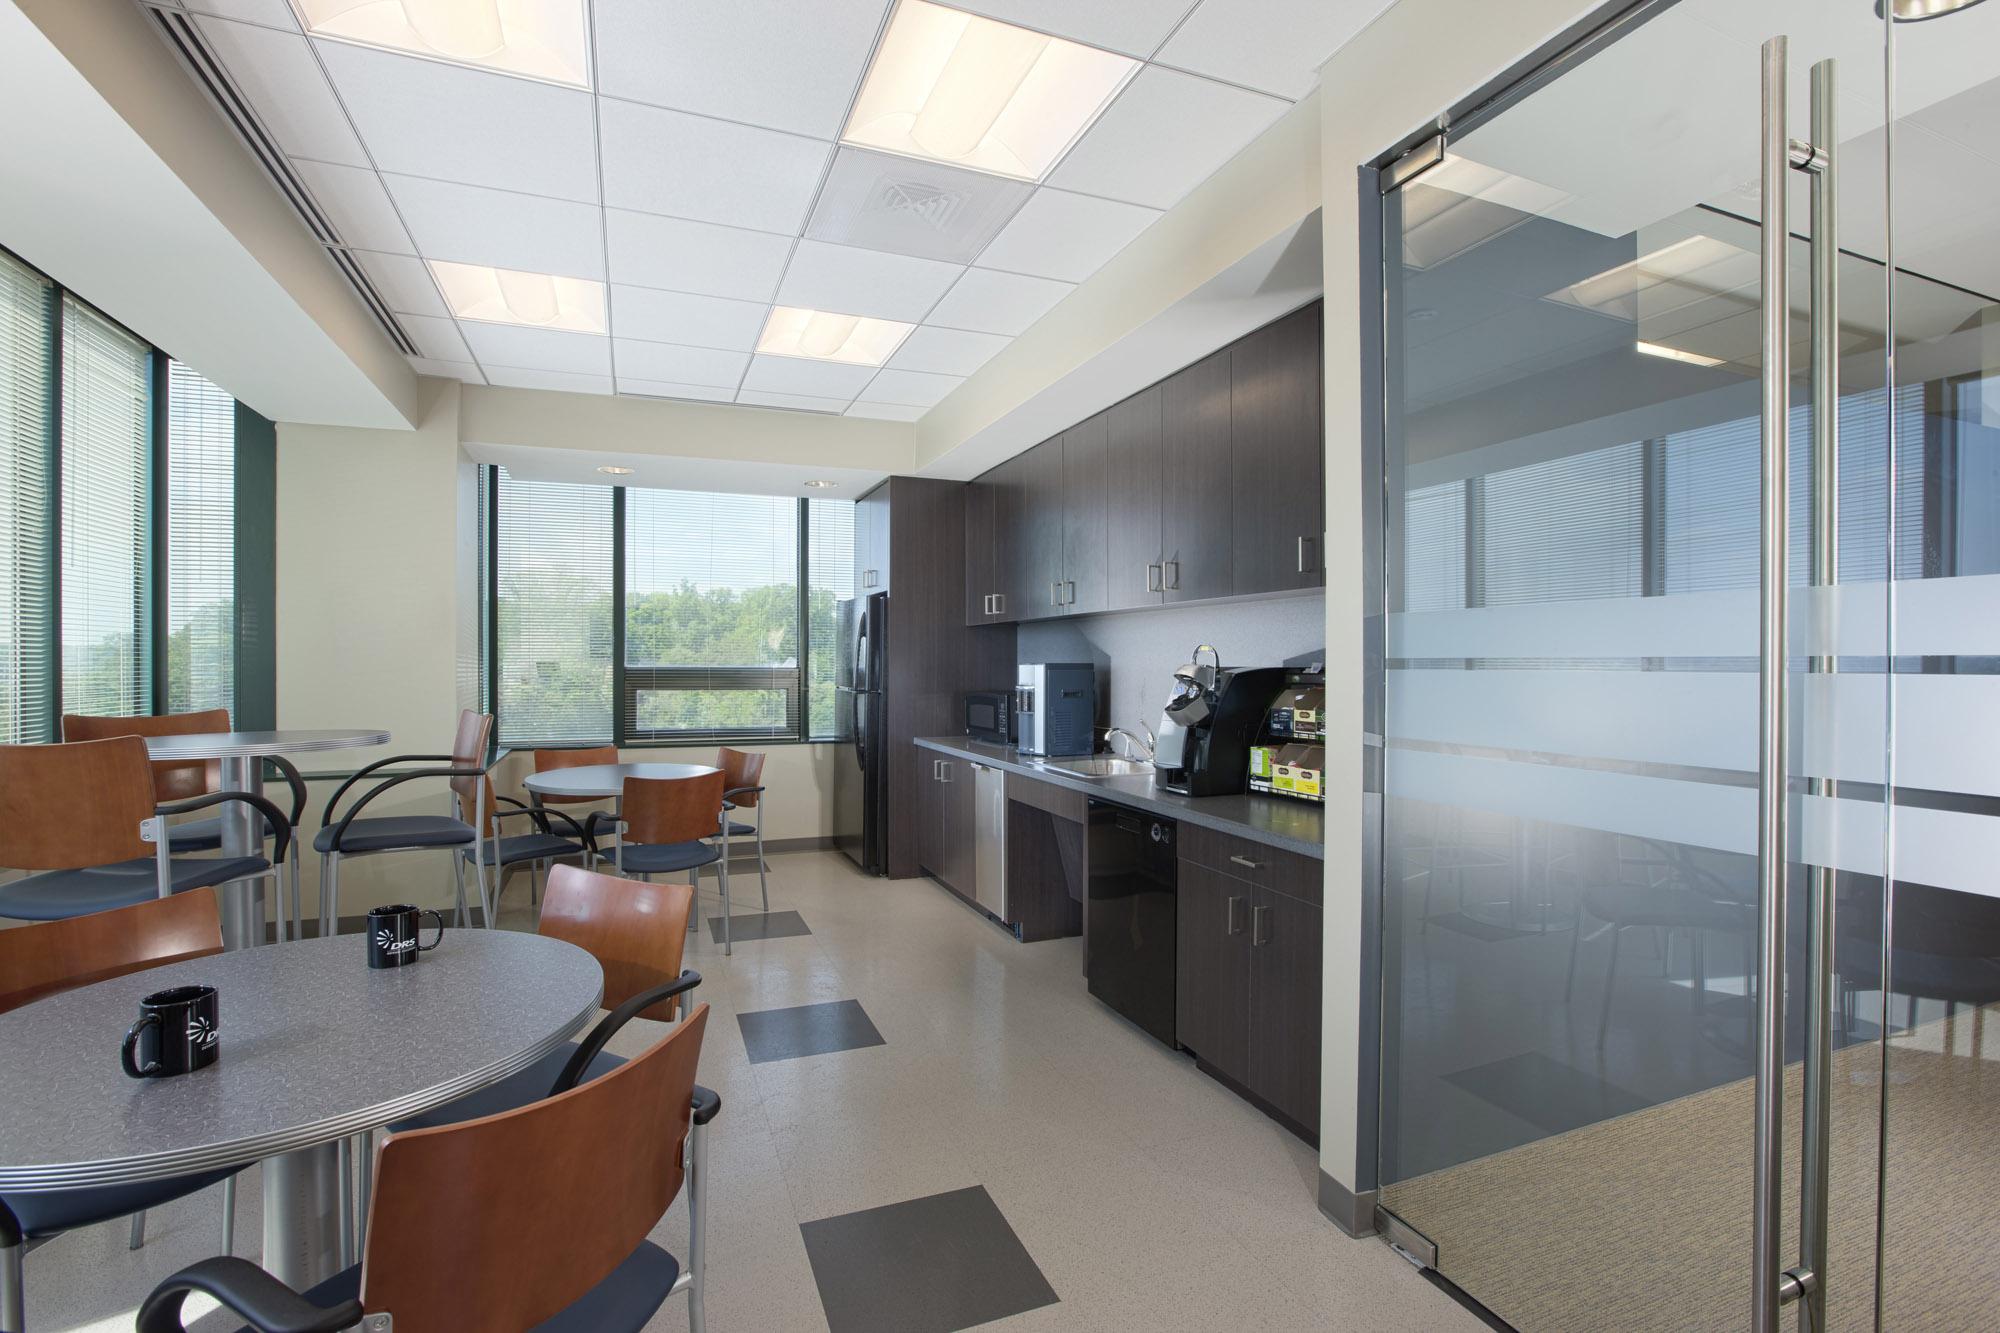 DRS VA Office Interior Image R121425.jpg